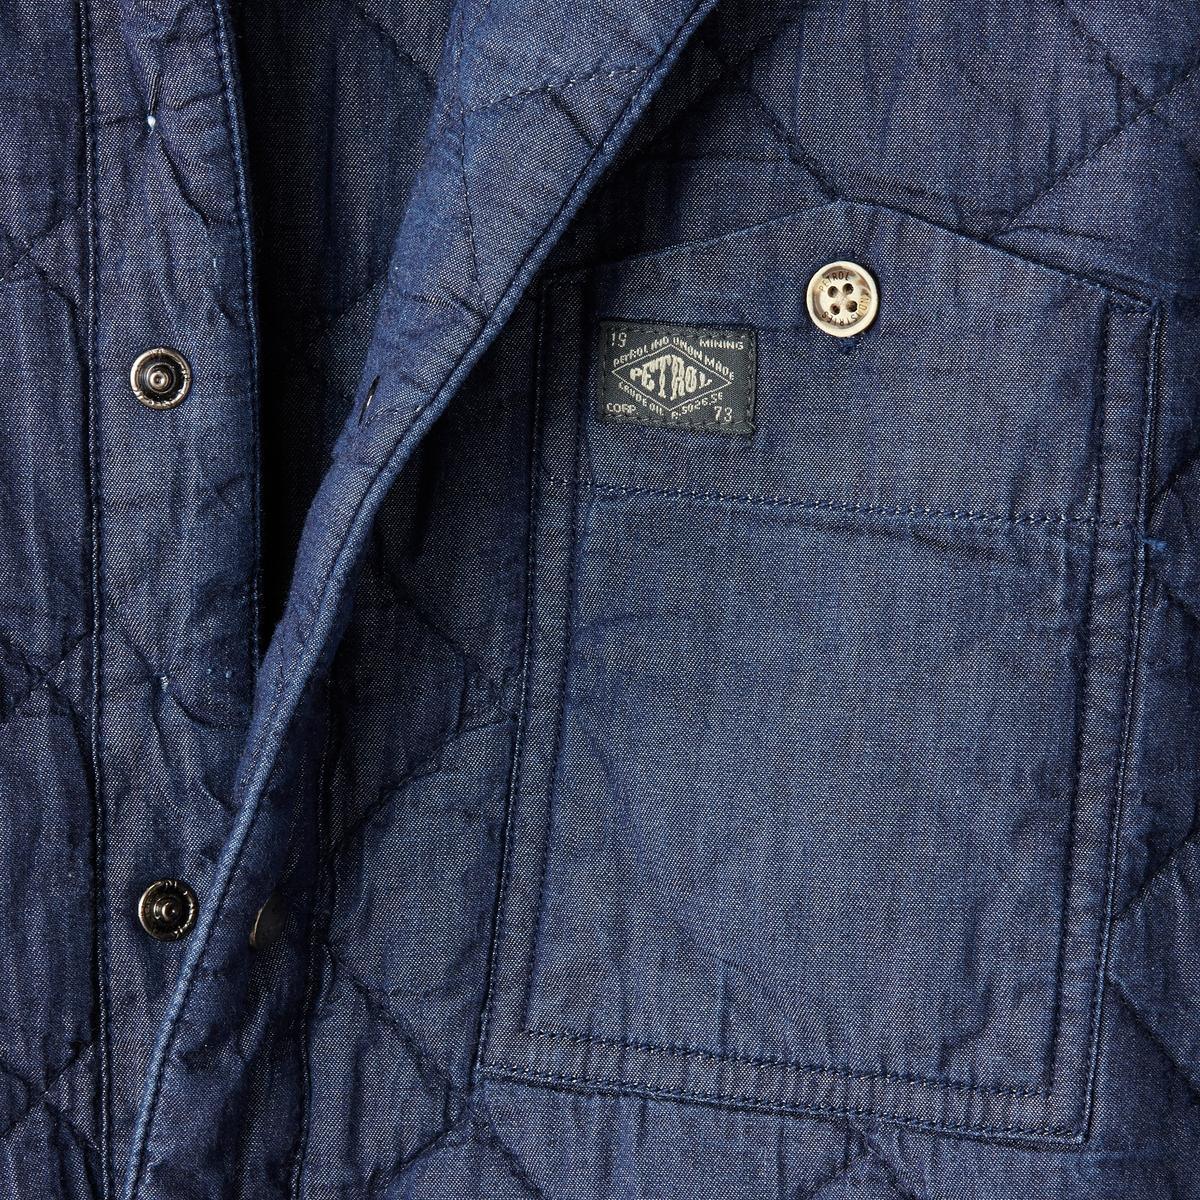 Рубашка с длинными рукавамиРубашка с длинными рукавами, PETROL INDUSTRIES.  Прямой покрой, воротник со свободными уголками . Декоративная простежка. Застежка на кнопки. Нагрудный карман с логотипом. Кнопки на манжетах, слегка закругленный низ.Состав и описаниеМатериал : 100% хлопкаМарка : PETROL INDUSTRIES<br><br>Цвет: темно-синий<br>Размер: S